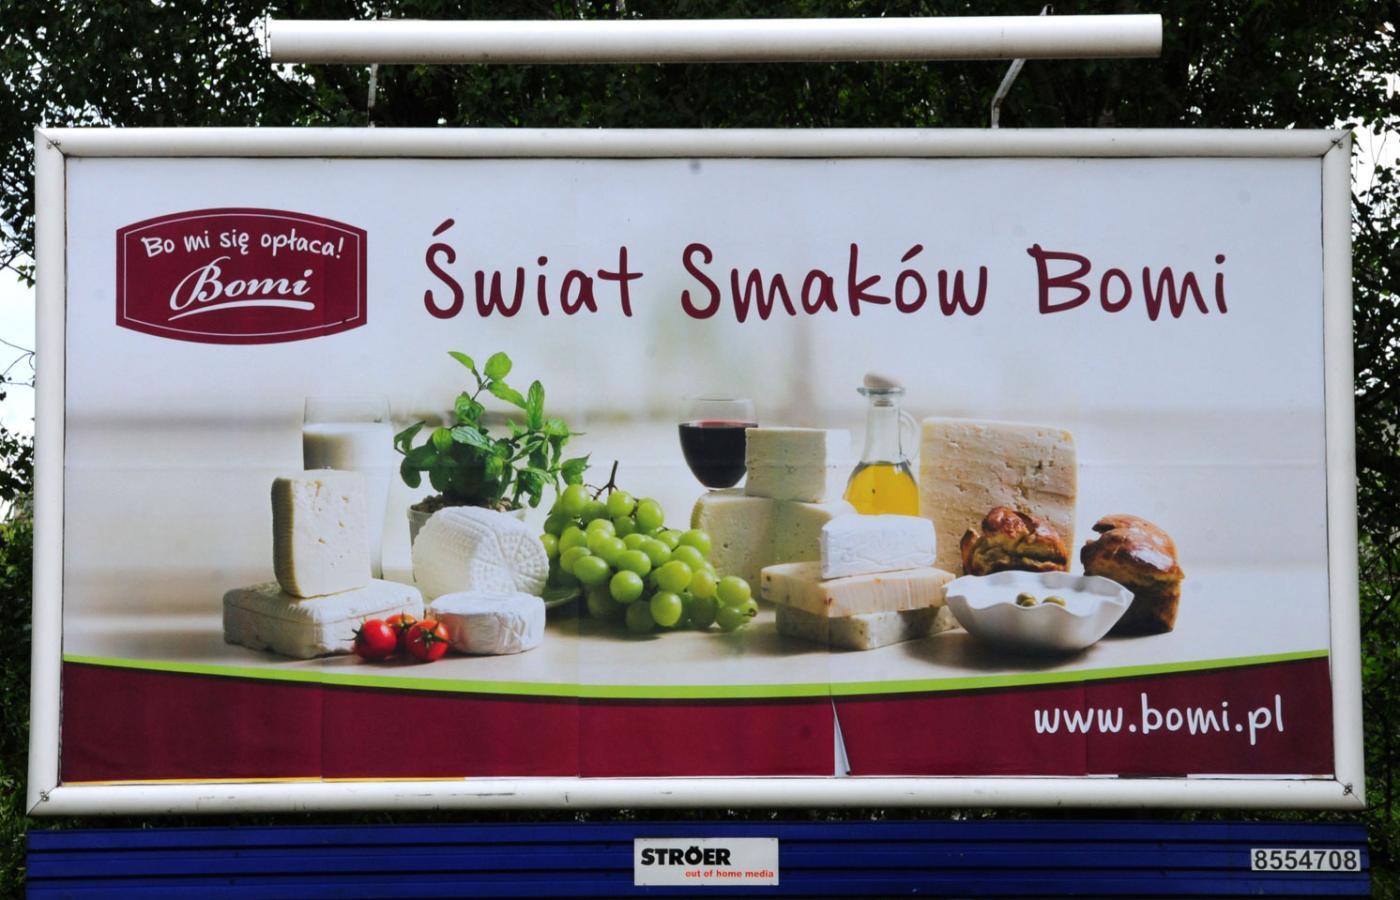 7fe4c6a0bd Hasło z billboardu Bomi - już nieaktualne.